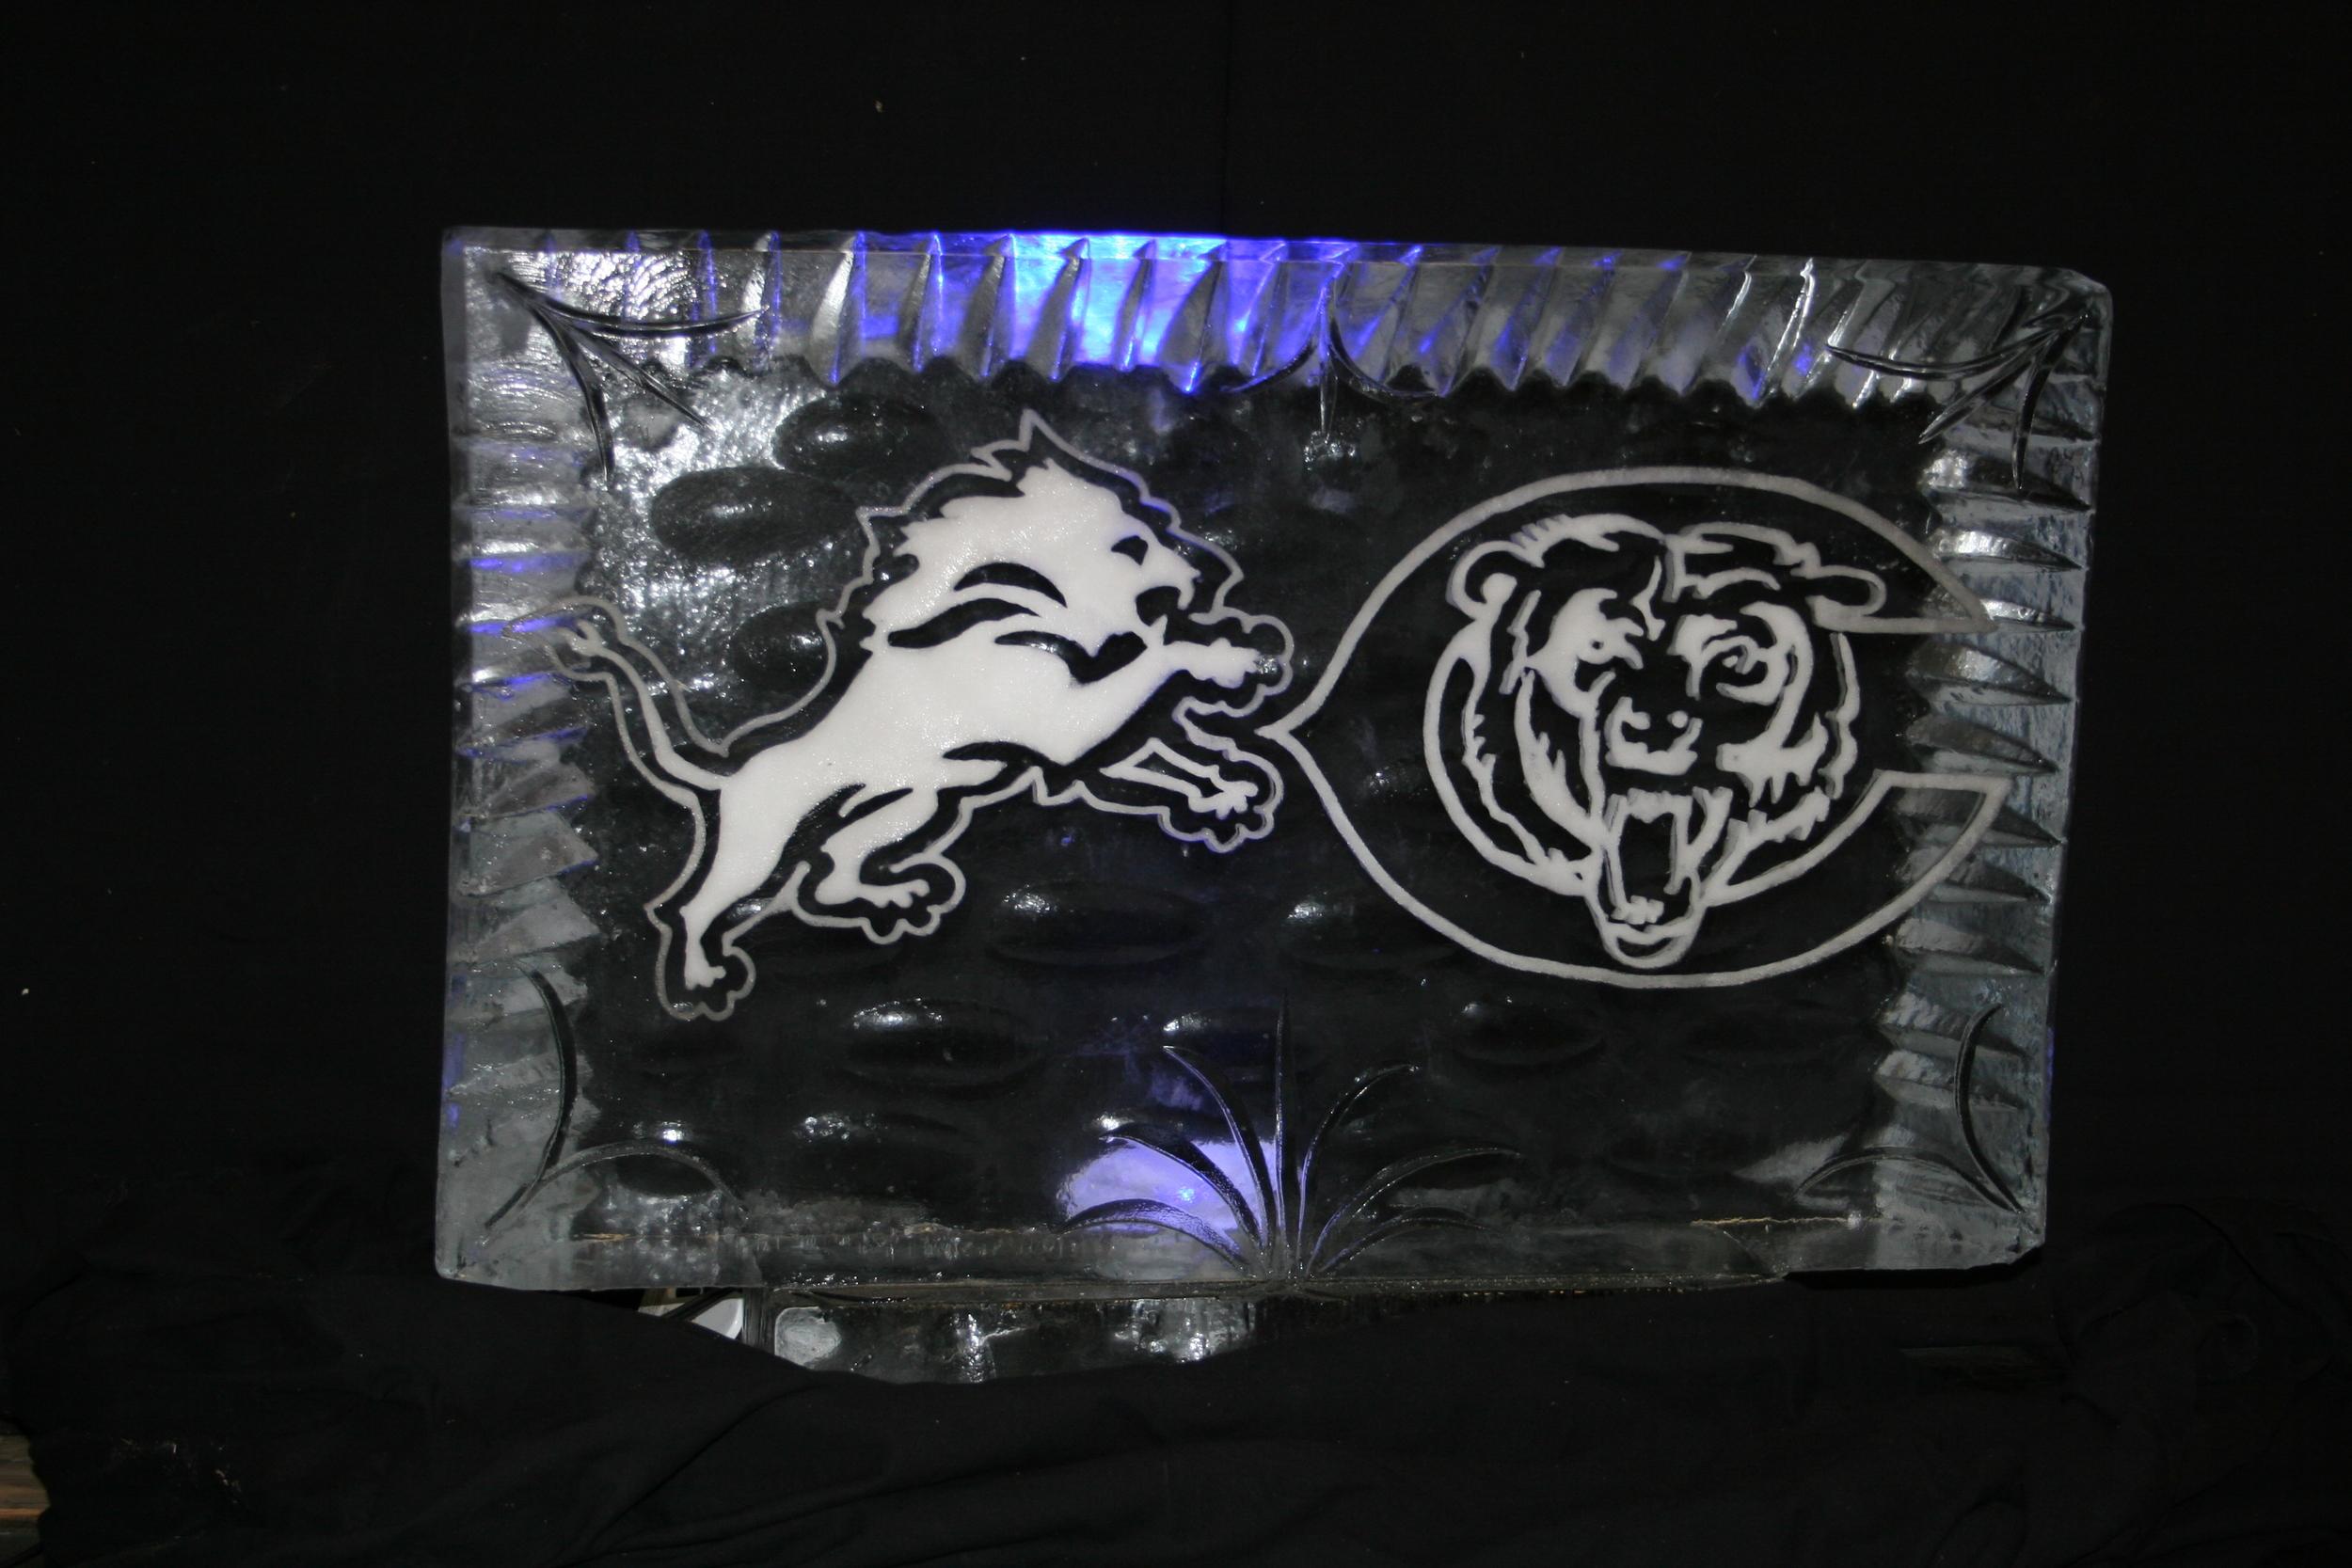 Detroit Lions_Logo_Chicago Bears_Ice.JPG